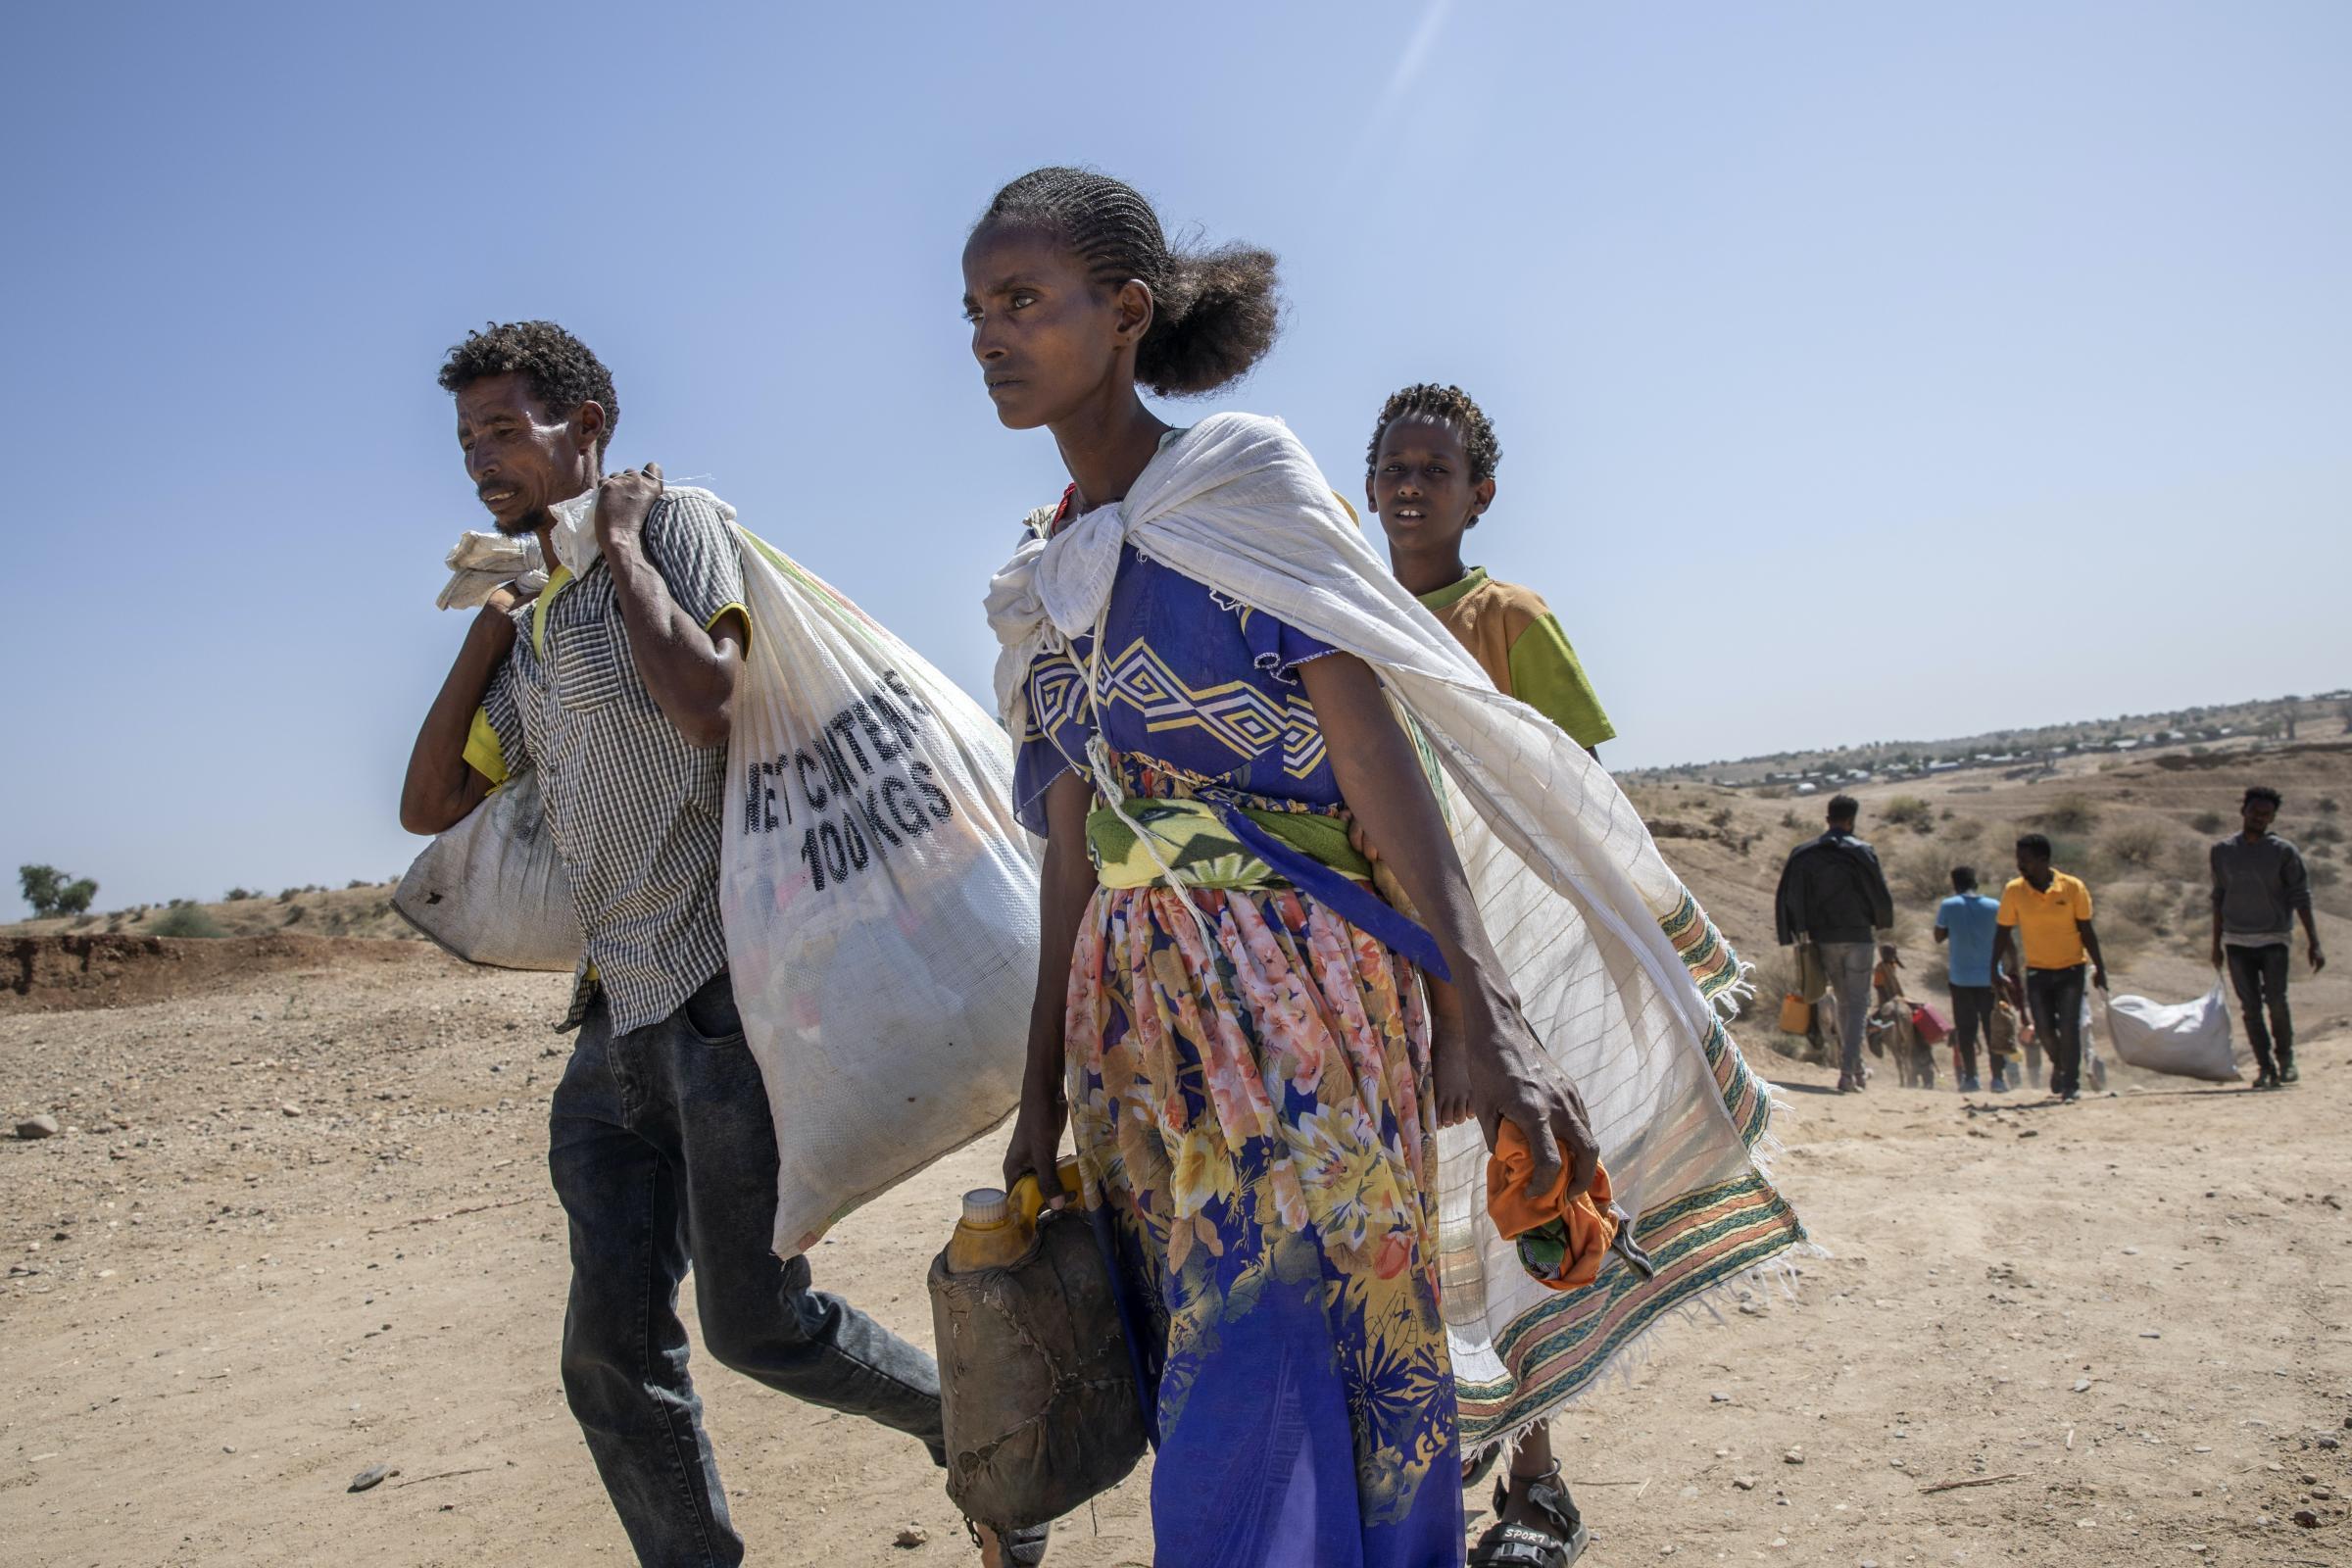 UN: Civilians are in 'grave danger' if Ethiopia tensions escalate